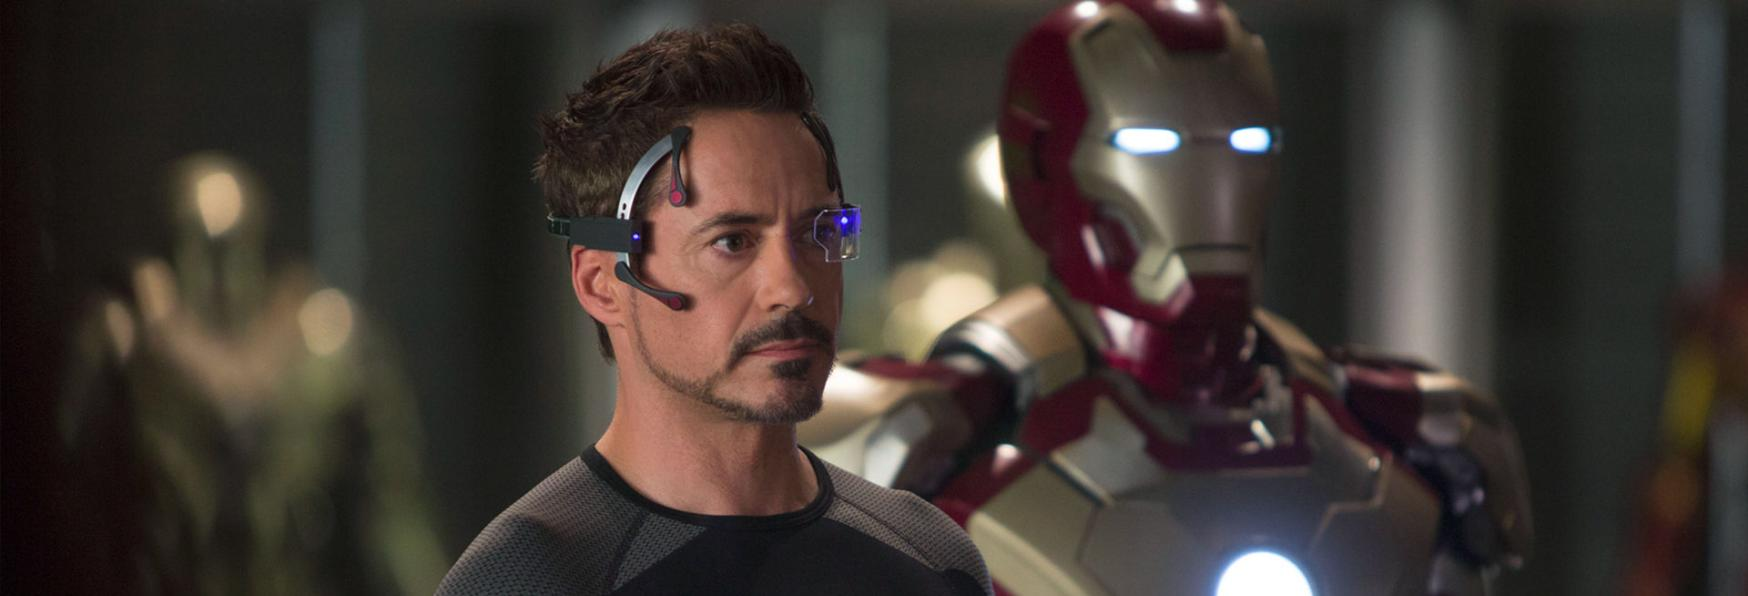 WandaVision: la Serie TV include un Simpatico Easter Egg di Iron Man